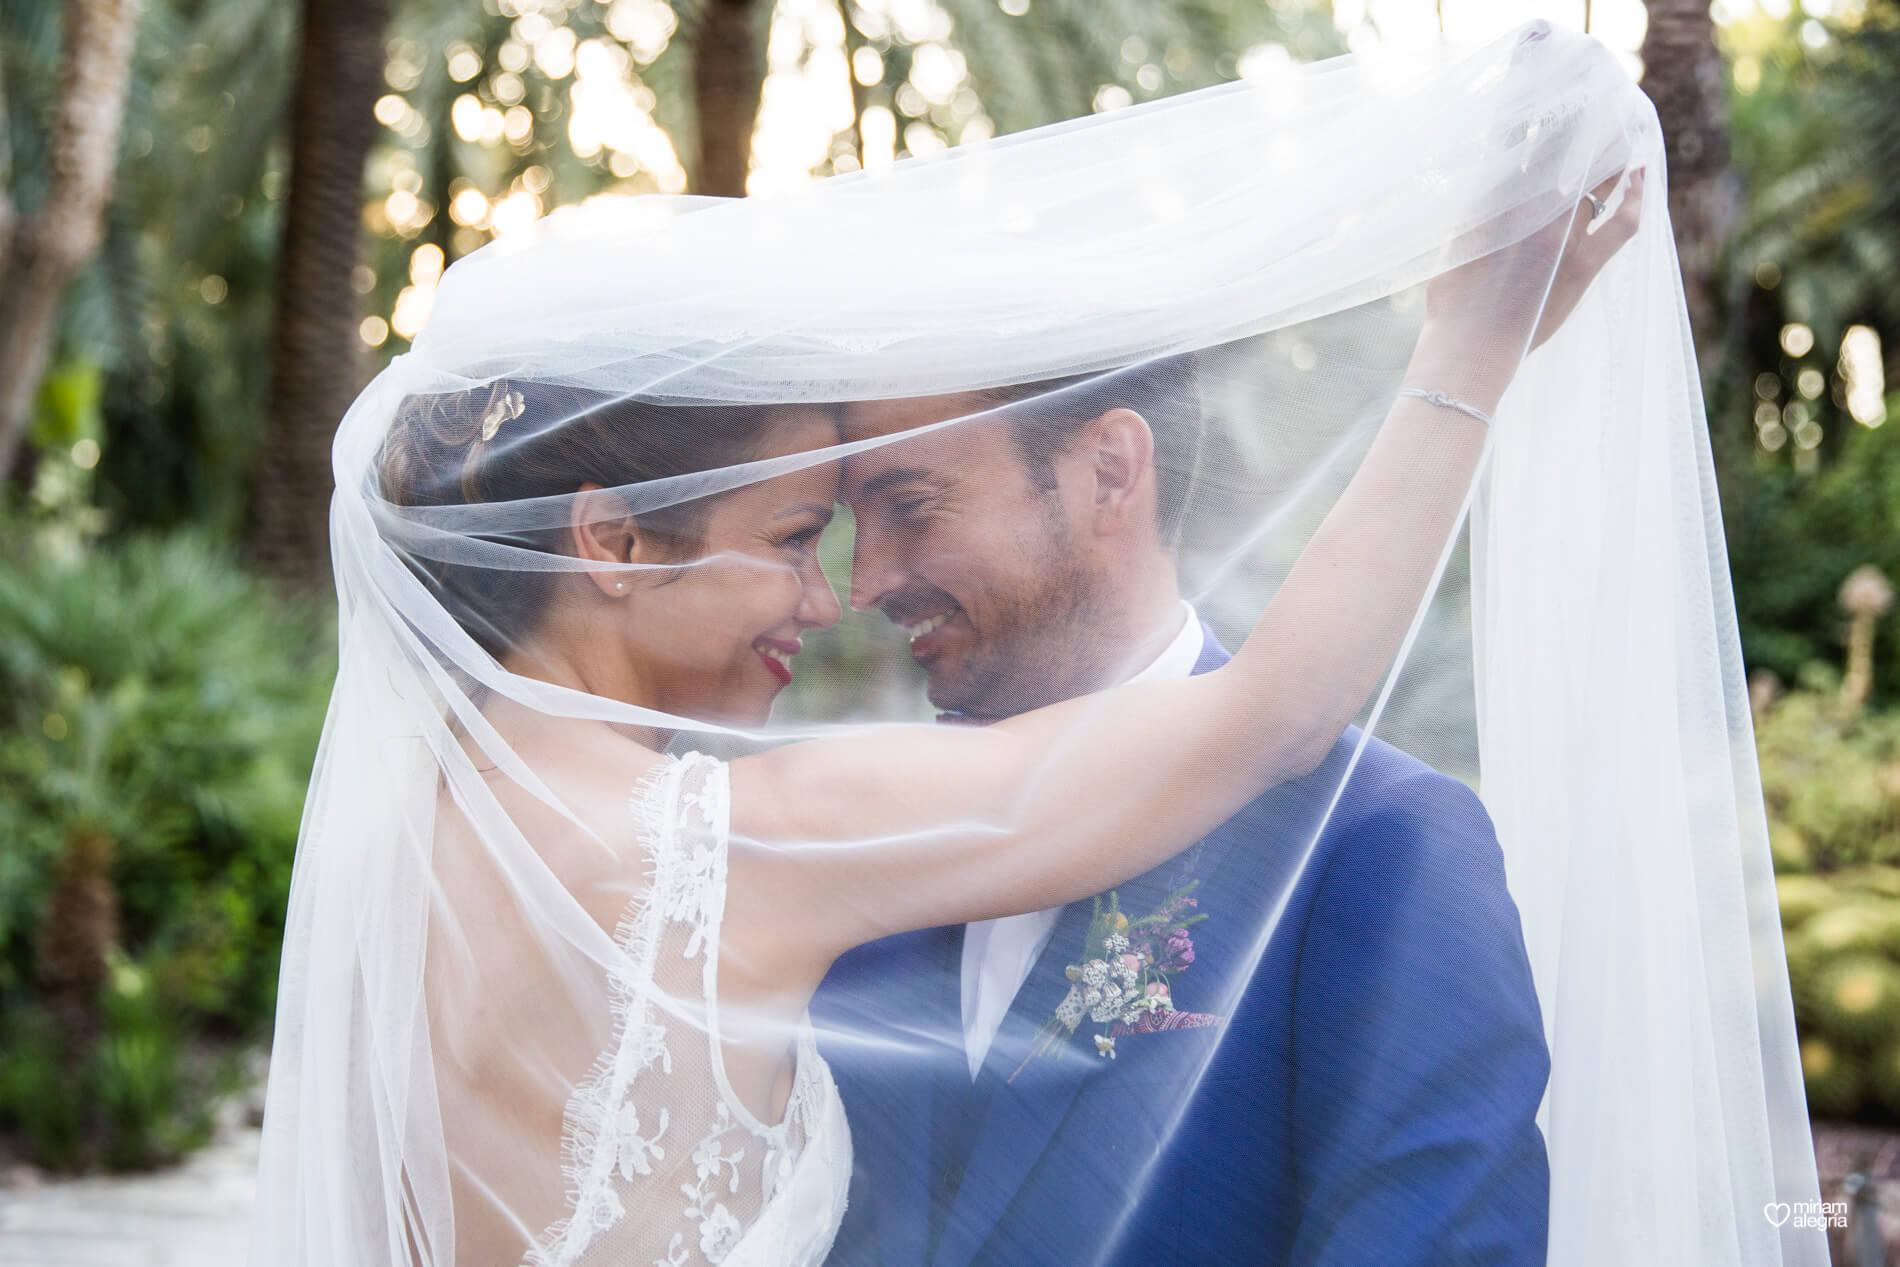 wedding-huerto-del-cura-elche-miriam-alegria-fotografos-boda-36